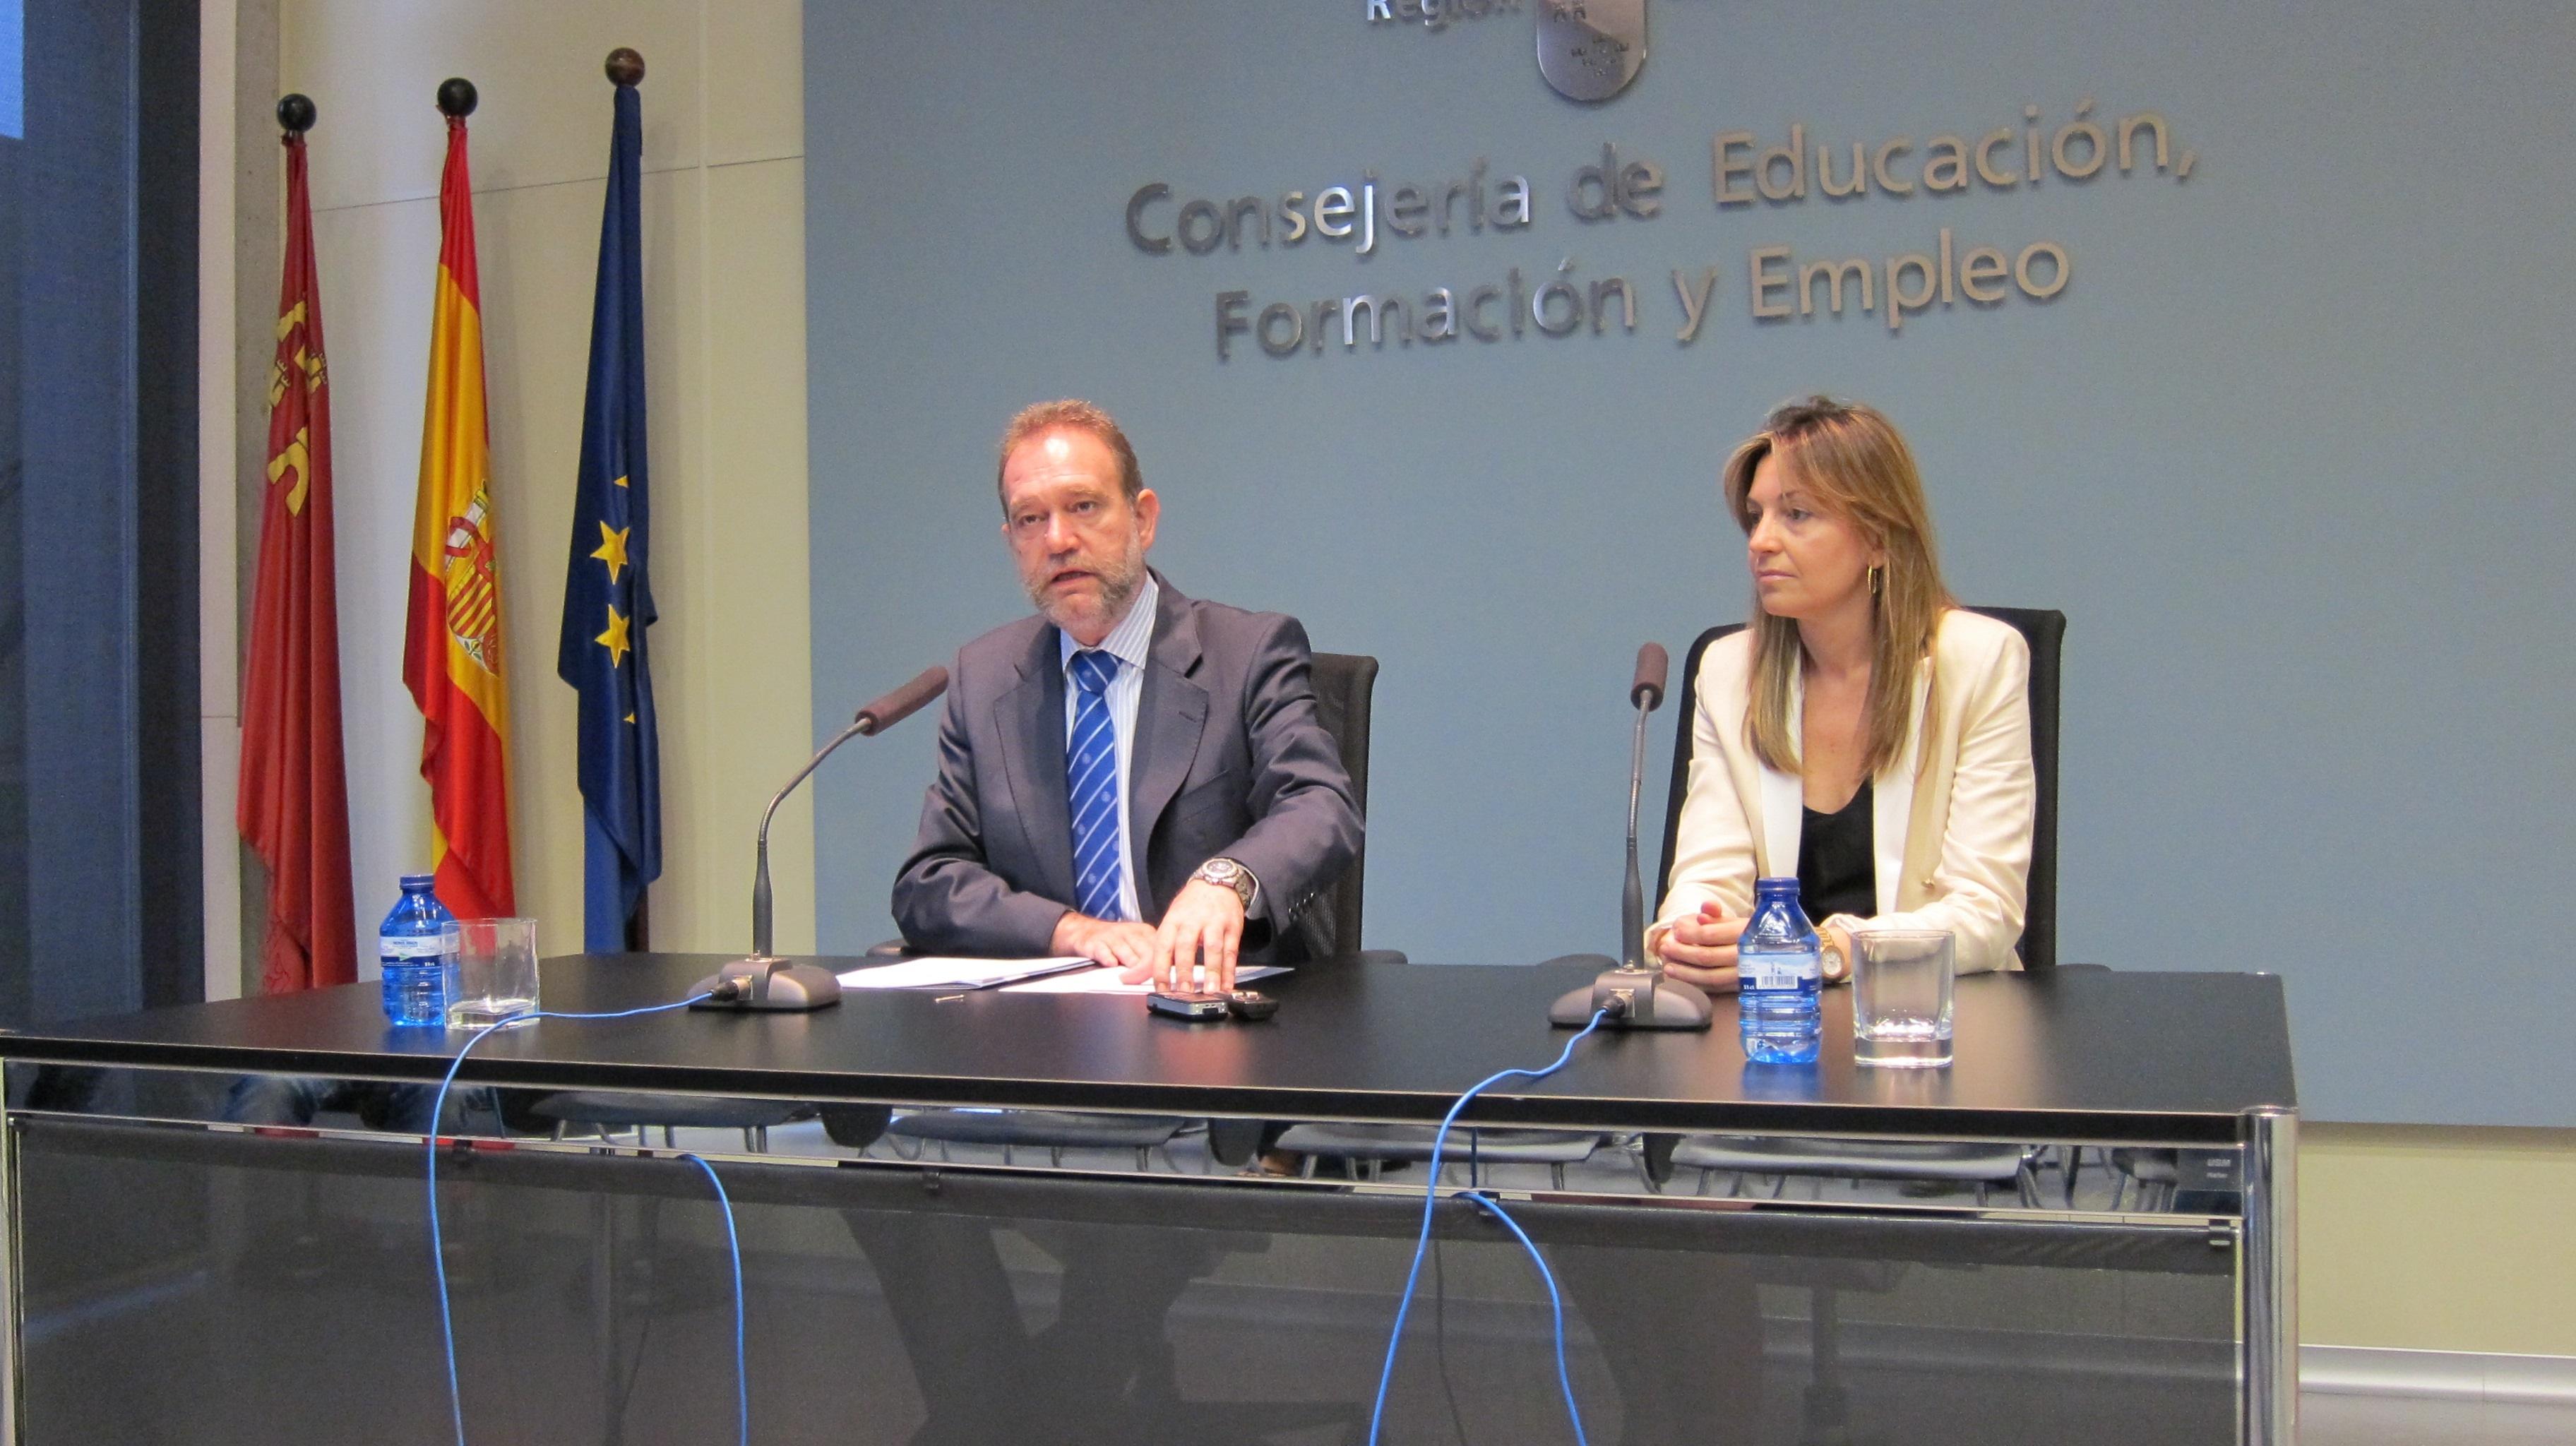 Educación amplía la oferta de FP con 330 plazas más, cuatro títulos nuevos y 12 proyectos de formación dual